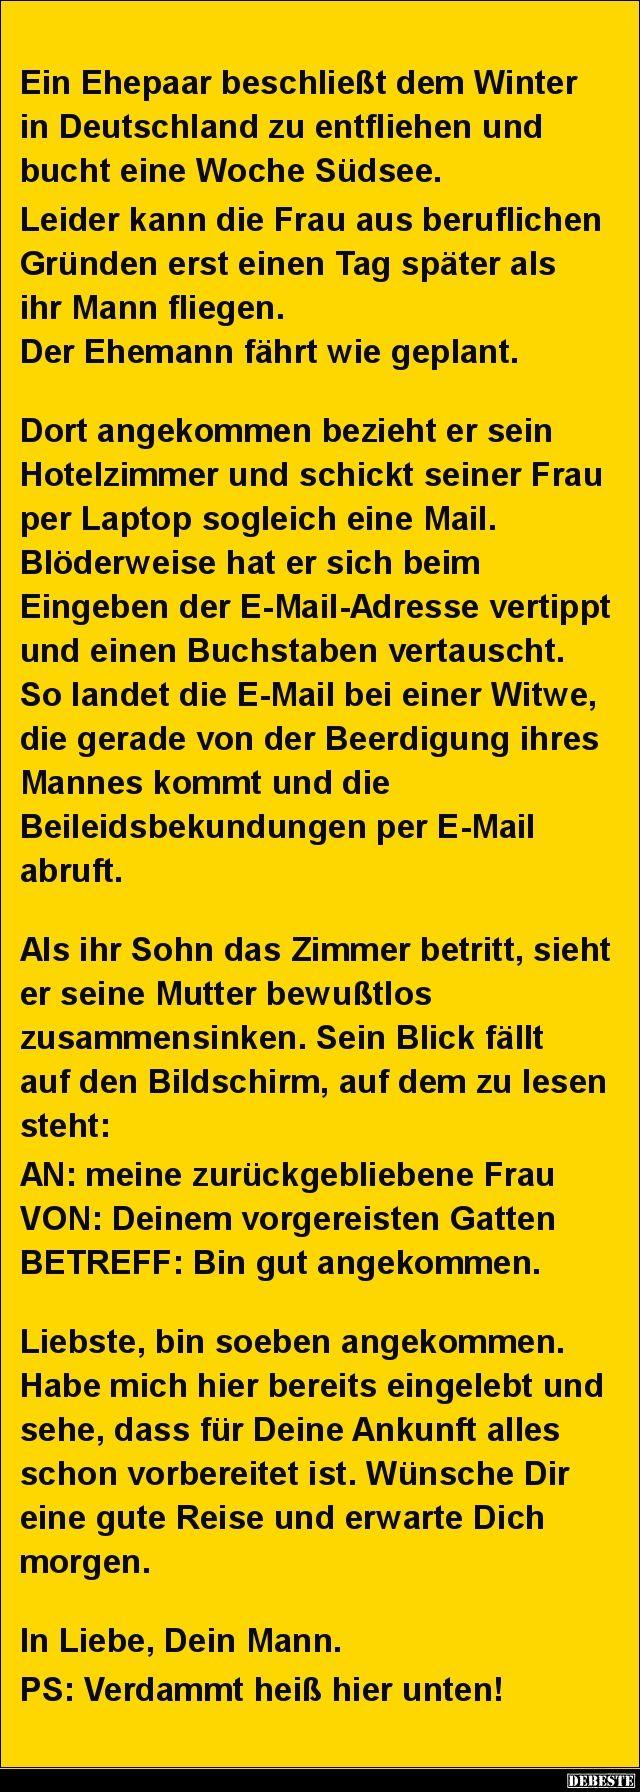 Ein Ehepaar beschließt dem Winter in Deutschland ...